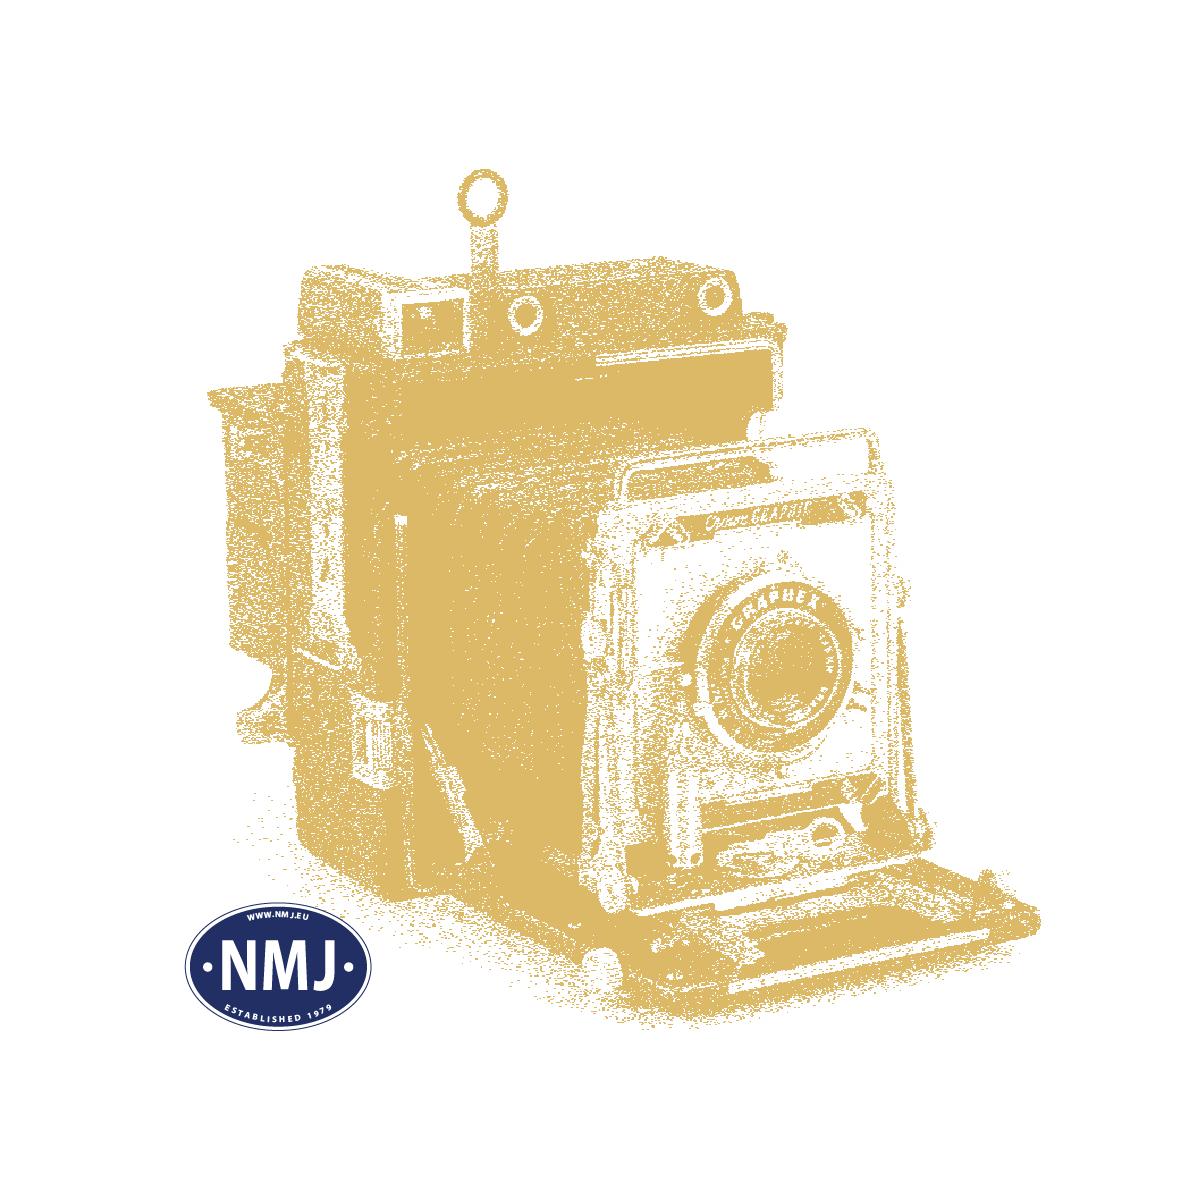 ART316.02 - Sykler, Gammel type, Ferdig modeller N-Scala